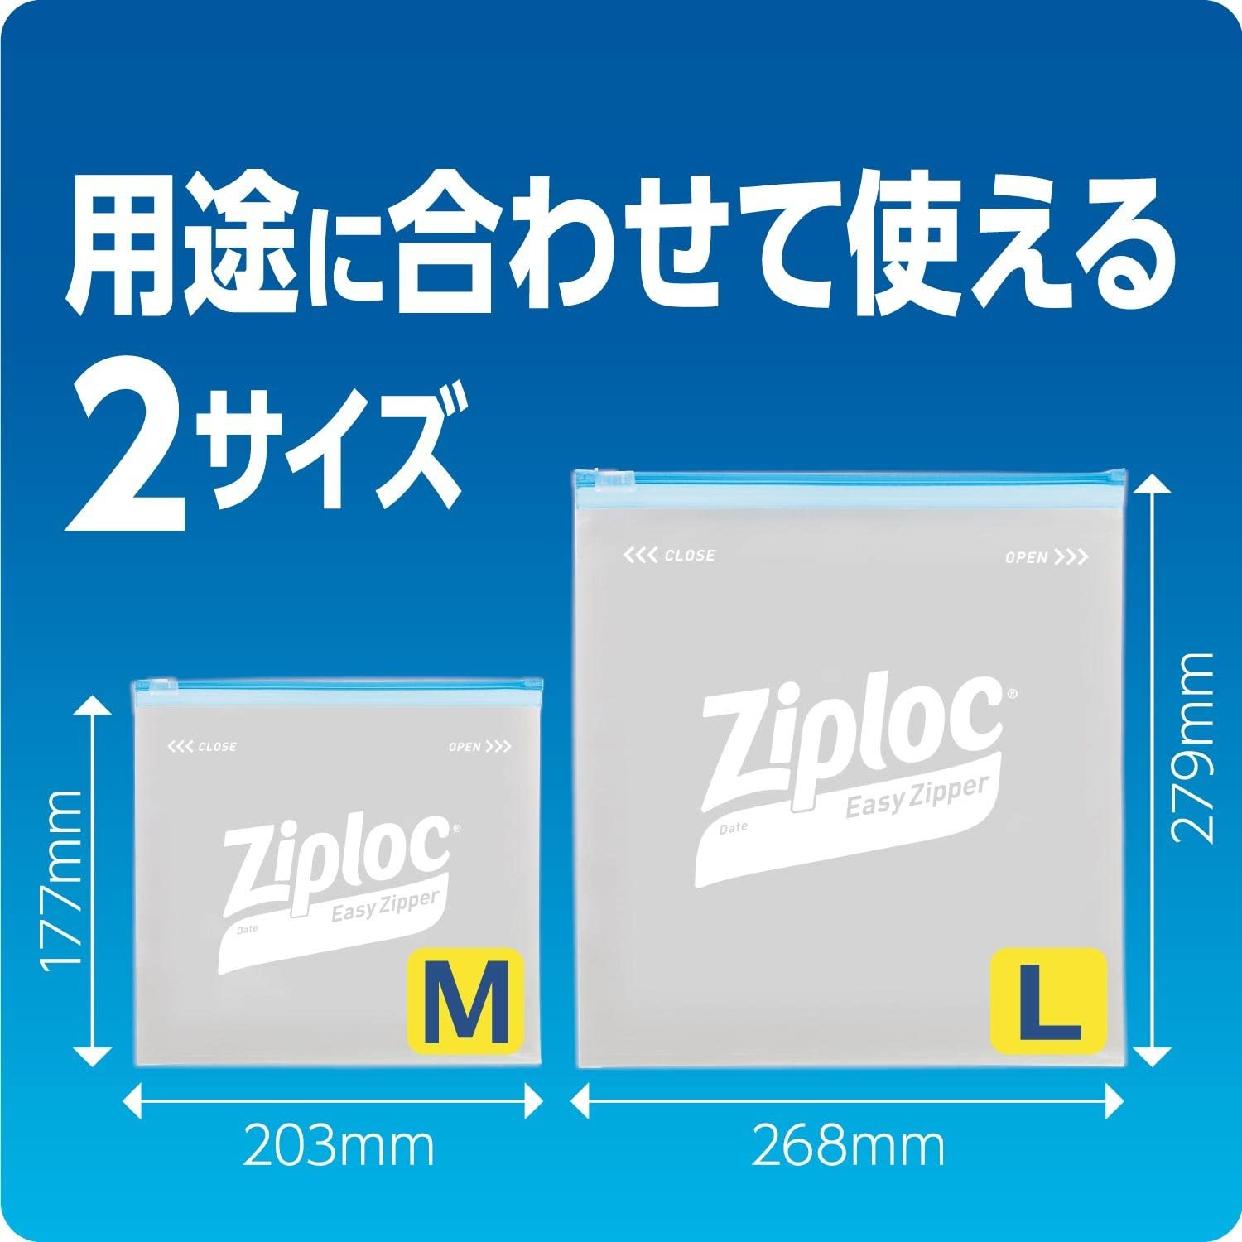 Ziploc(ジップロック) イージージッパーの商品画像3